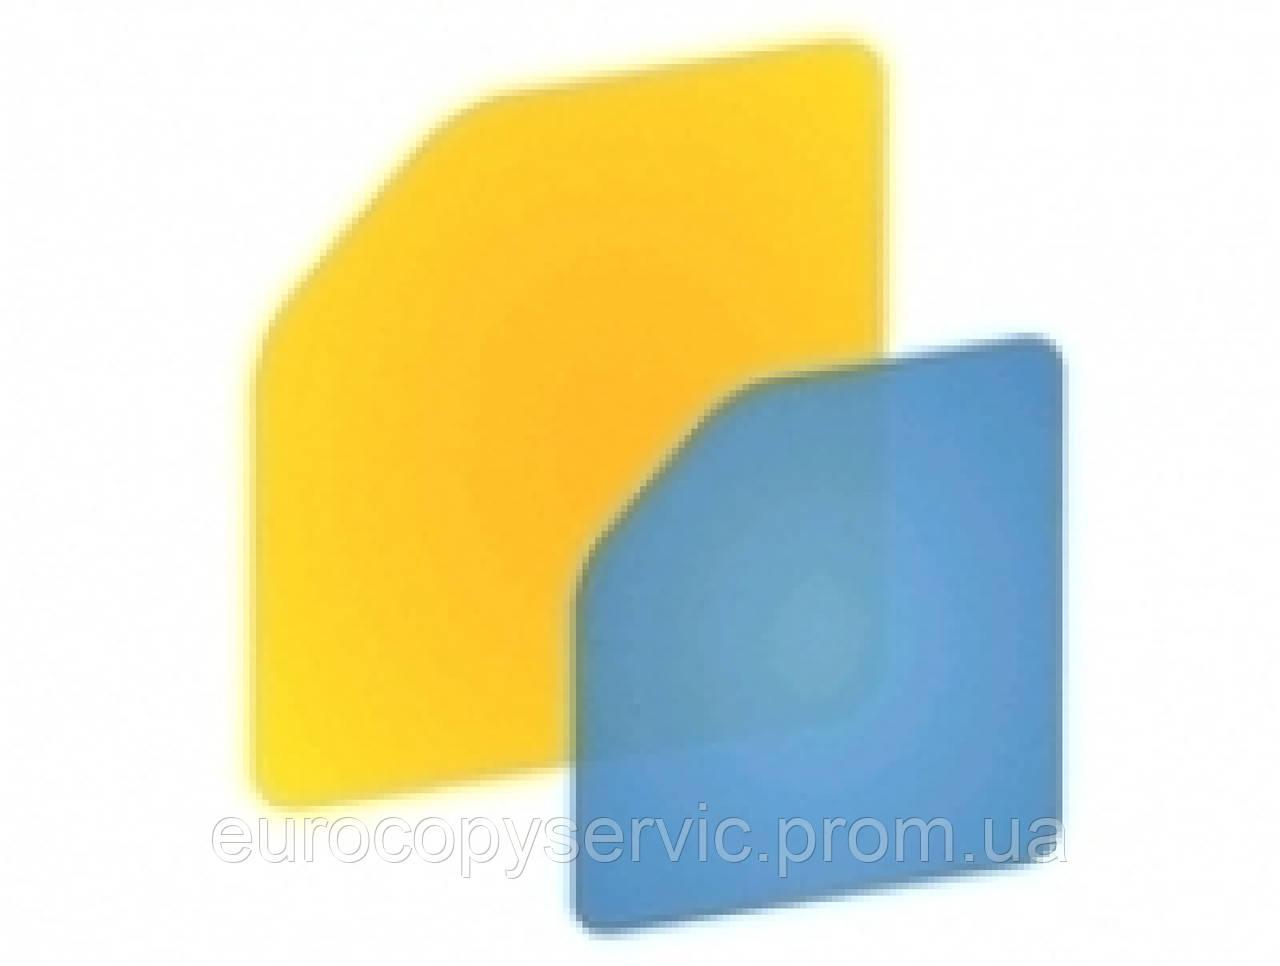 Направляюча фотобарабану (Snap joint) HP LJ Enterprise 600 M601 / M602 / M603 / P4014 / P4015 / P4515 (з вузла